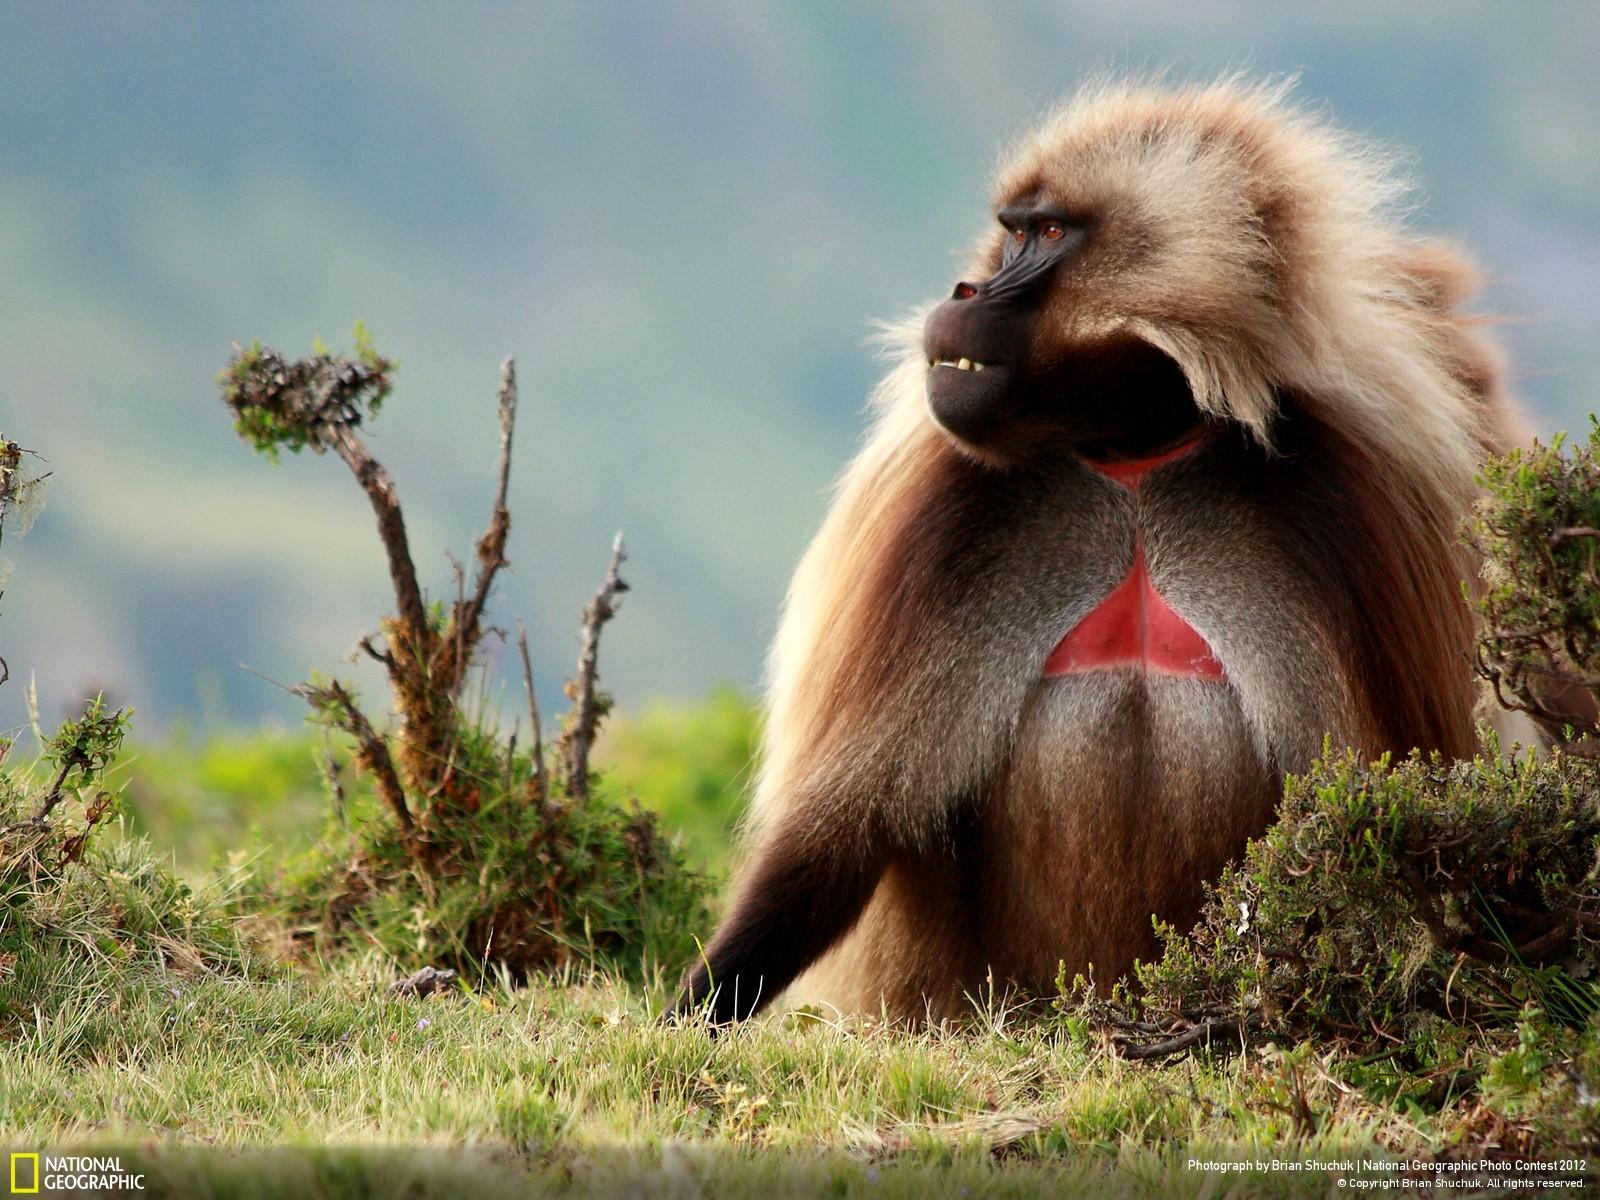 51 Лучшие фотографии за 2012 год по версии National Geographic